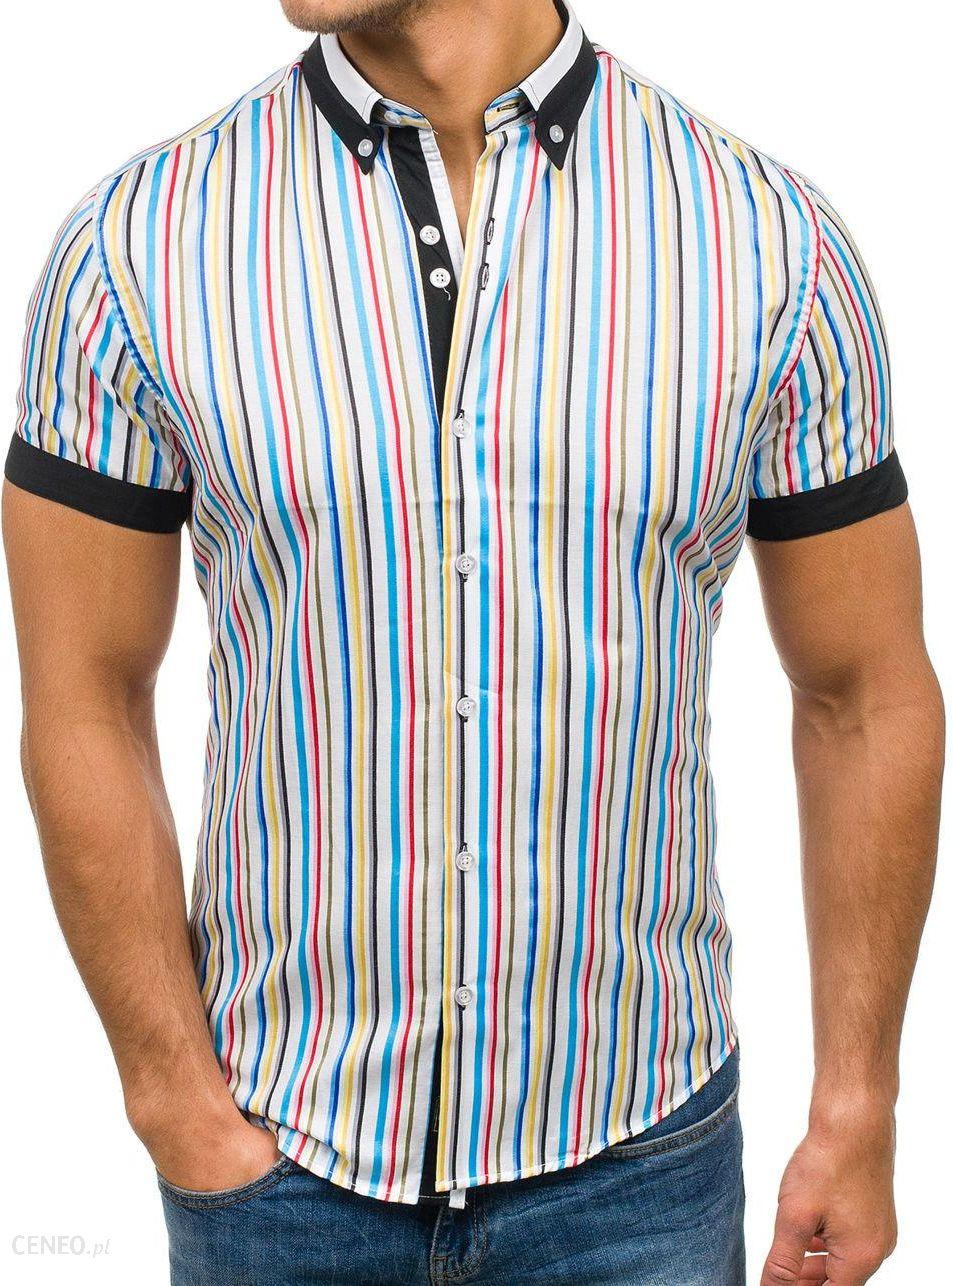 79b285352746 BY MIRZAD Koszula męska w paski z krótkim rękawem multikolor Denley 5204B -  zdjęcie 1